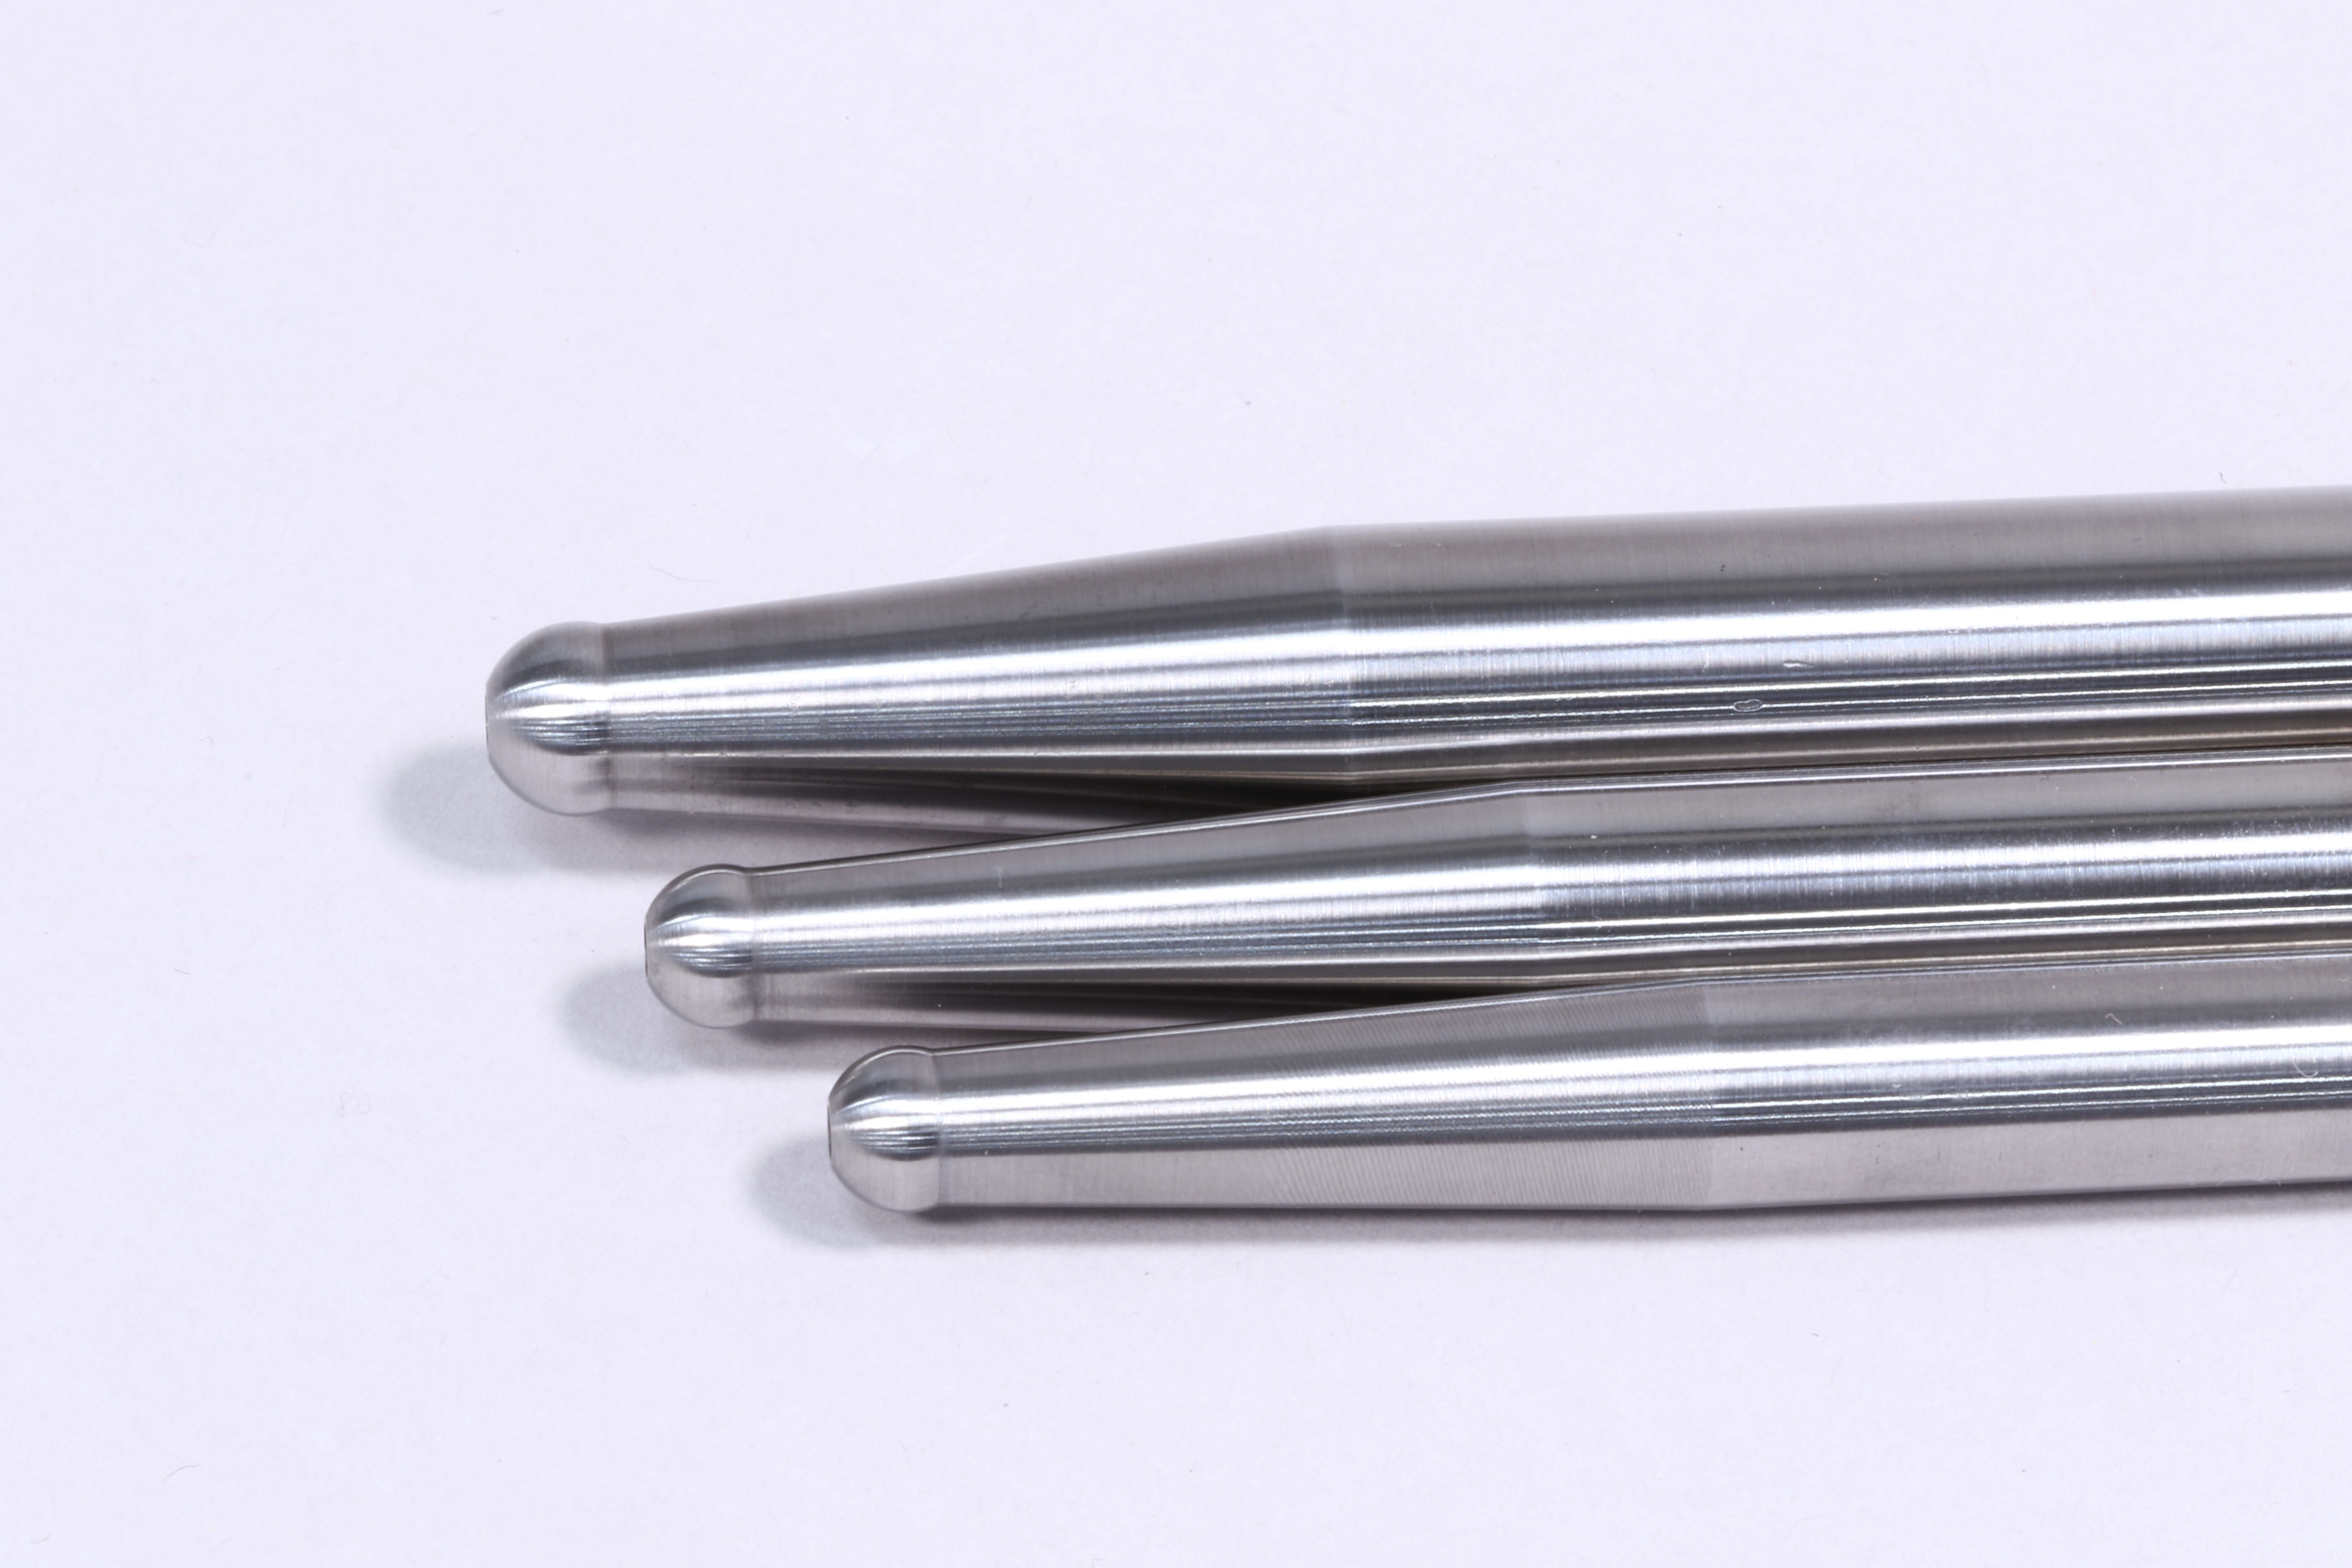 002-trend-pushrod-tip-one-piece